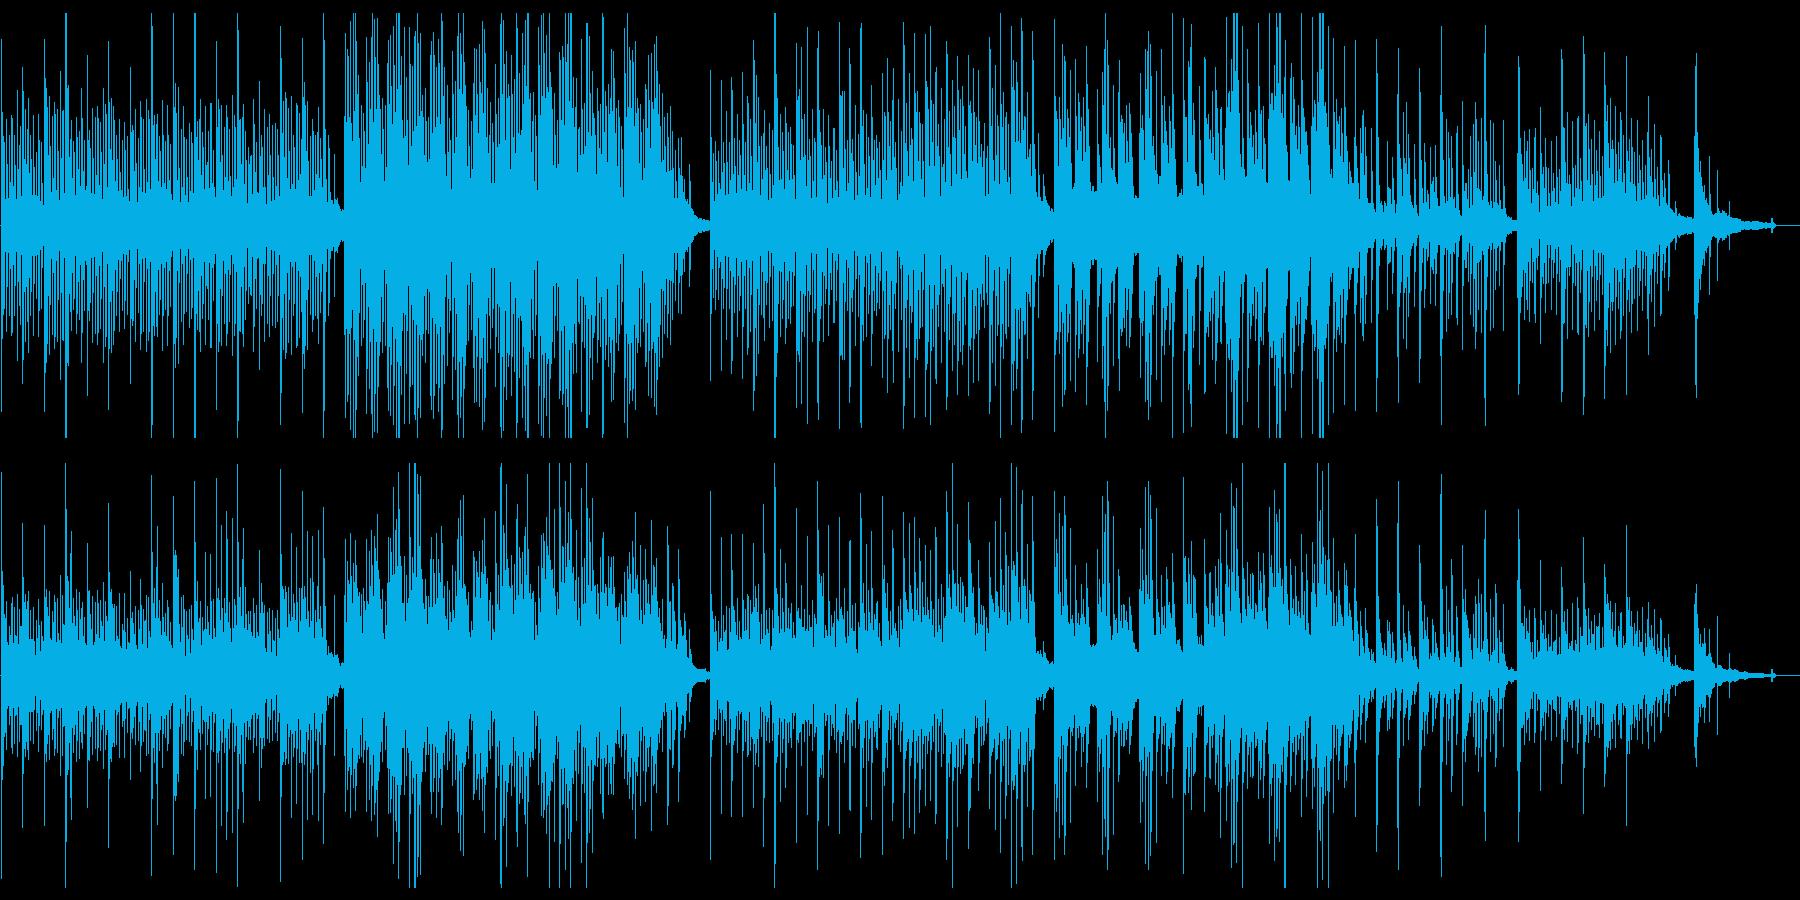 優しく静かなピアノバラードの再生済みの波形